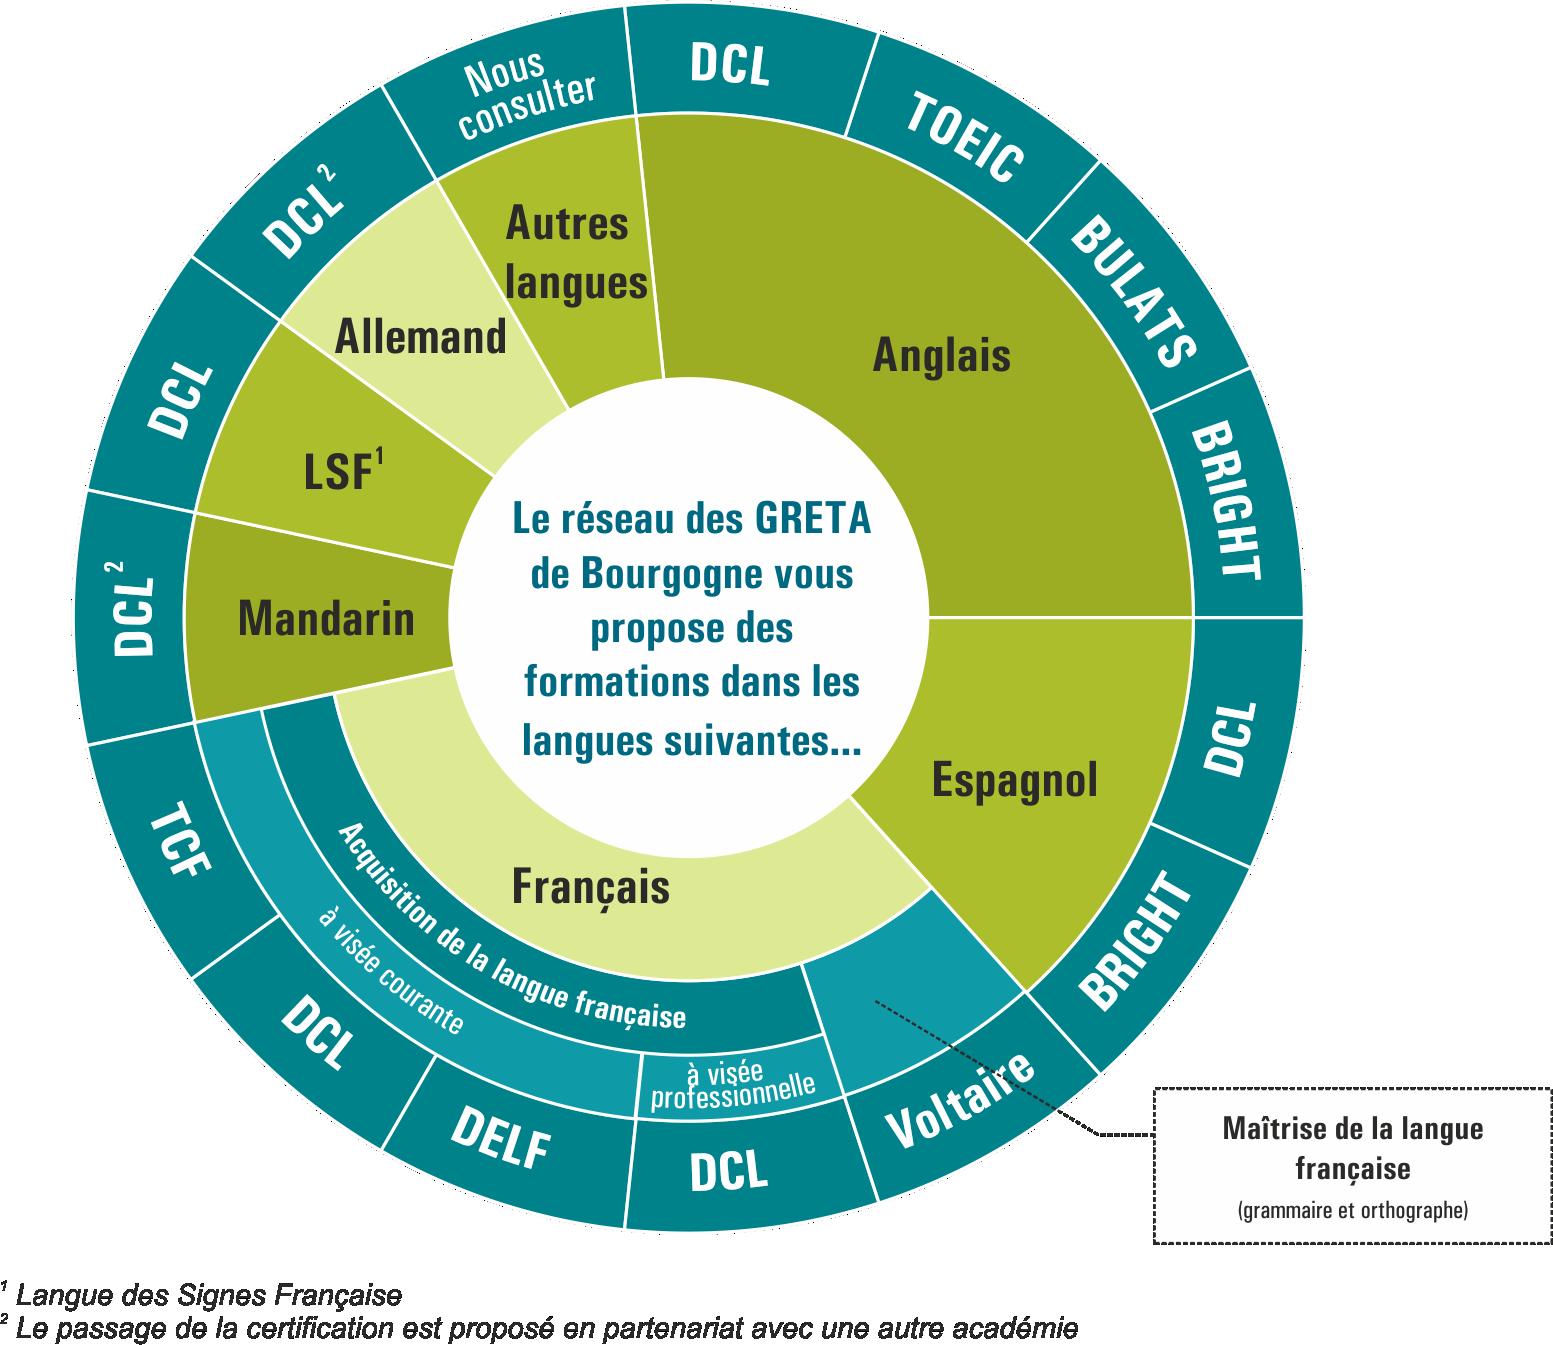 Roue des certifications en langues. Permet de visualiser d'un coup d'œil l'offre du réseau des GRETA de Bourgogne en Langues